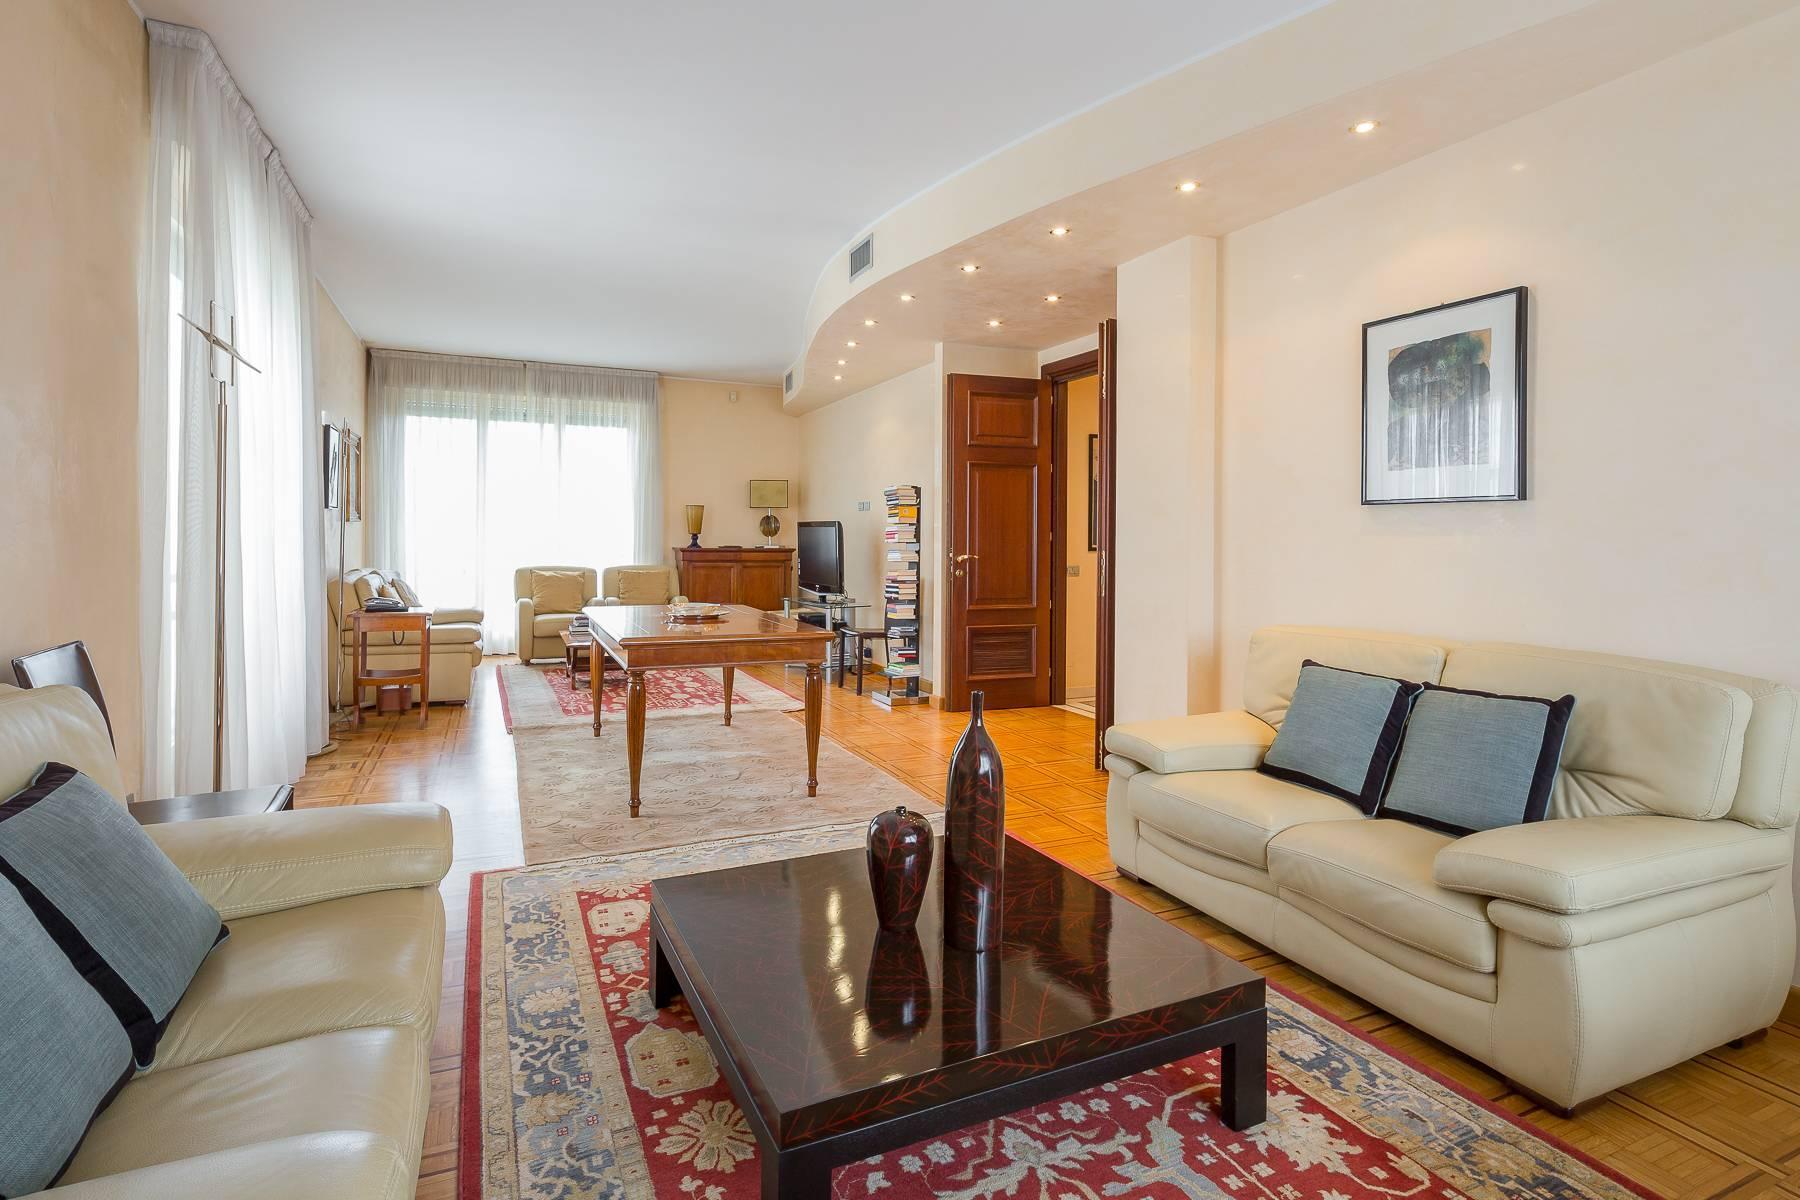 Schöne möblierte Wohnung im Buonarroti Stadtviertel - 1